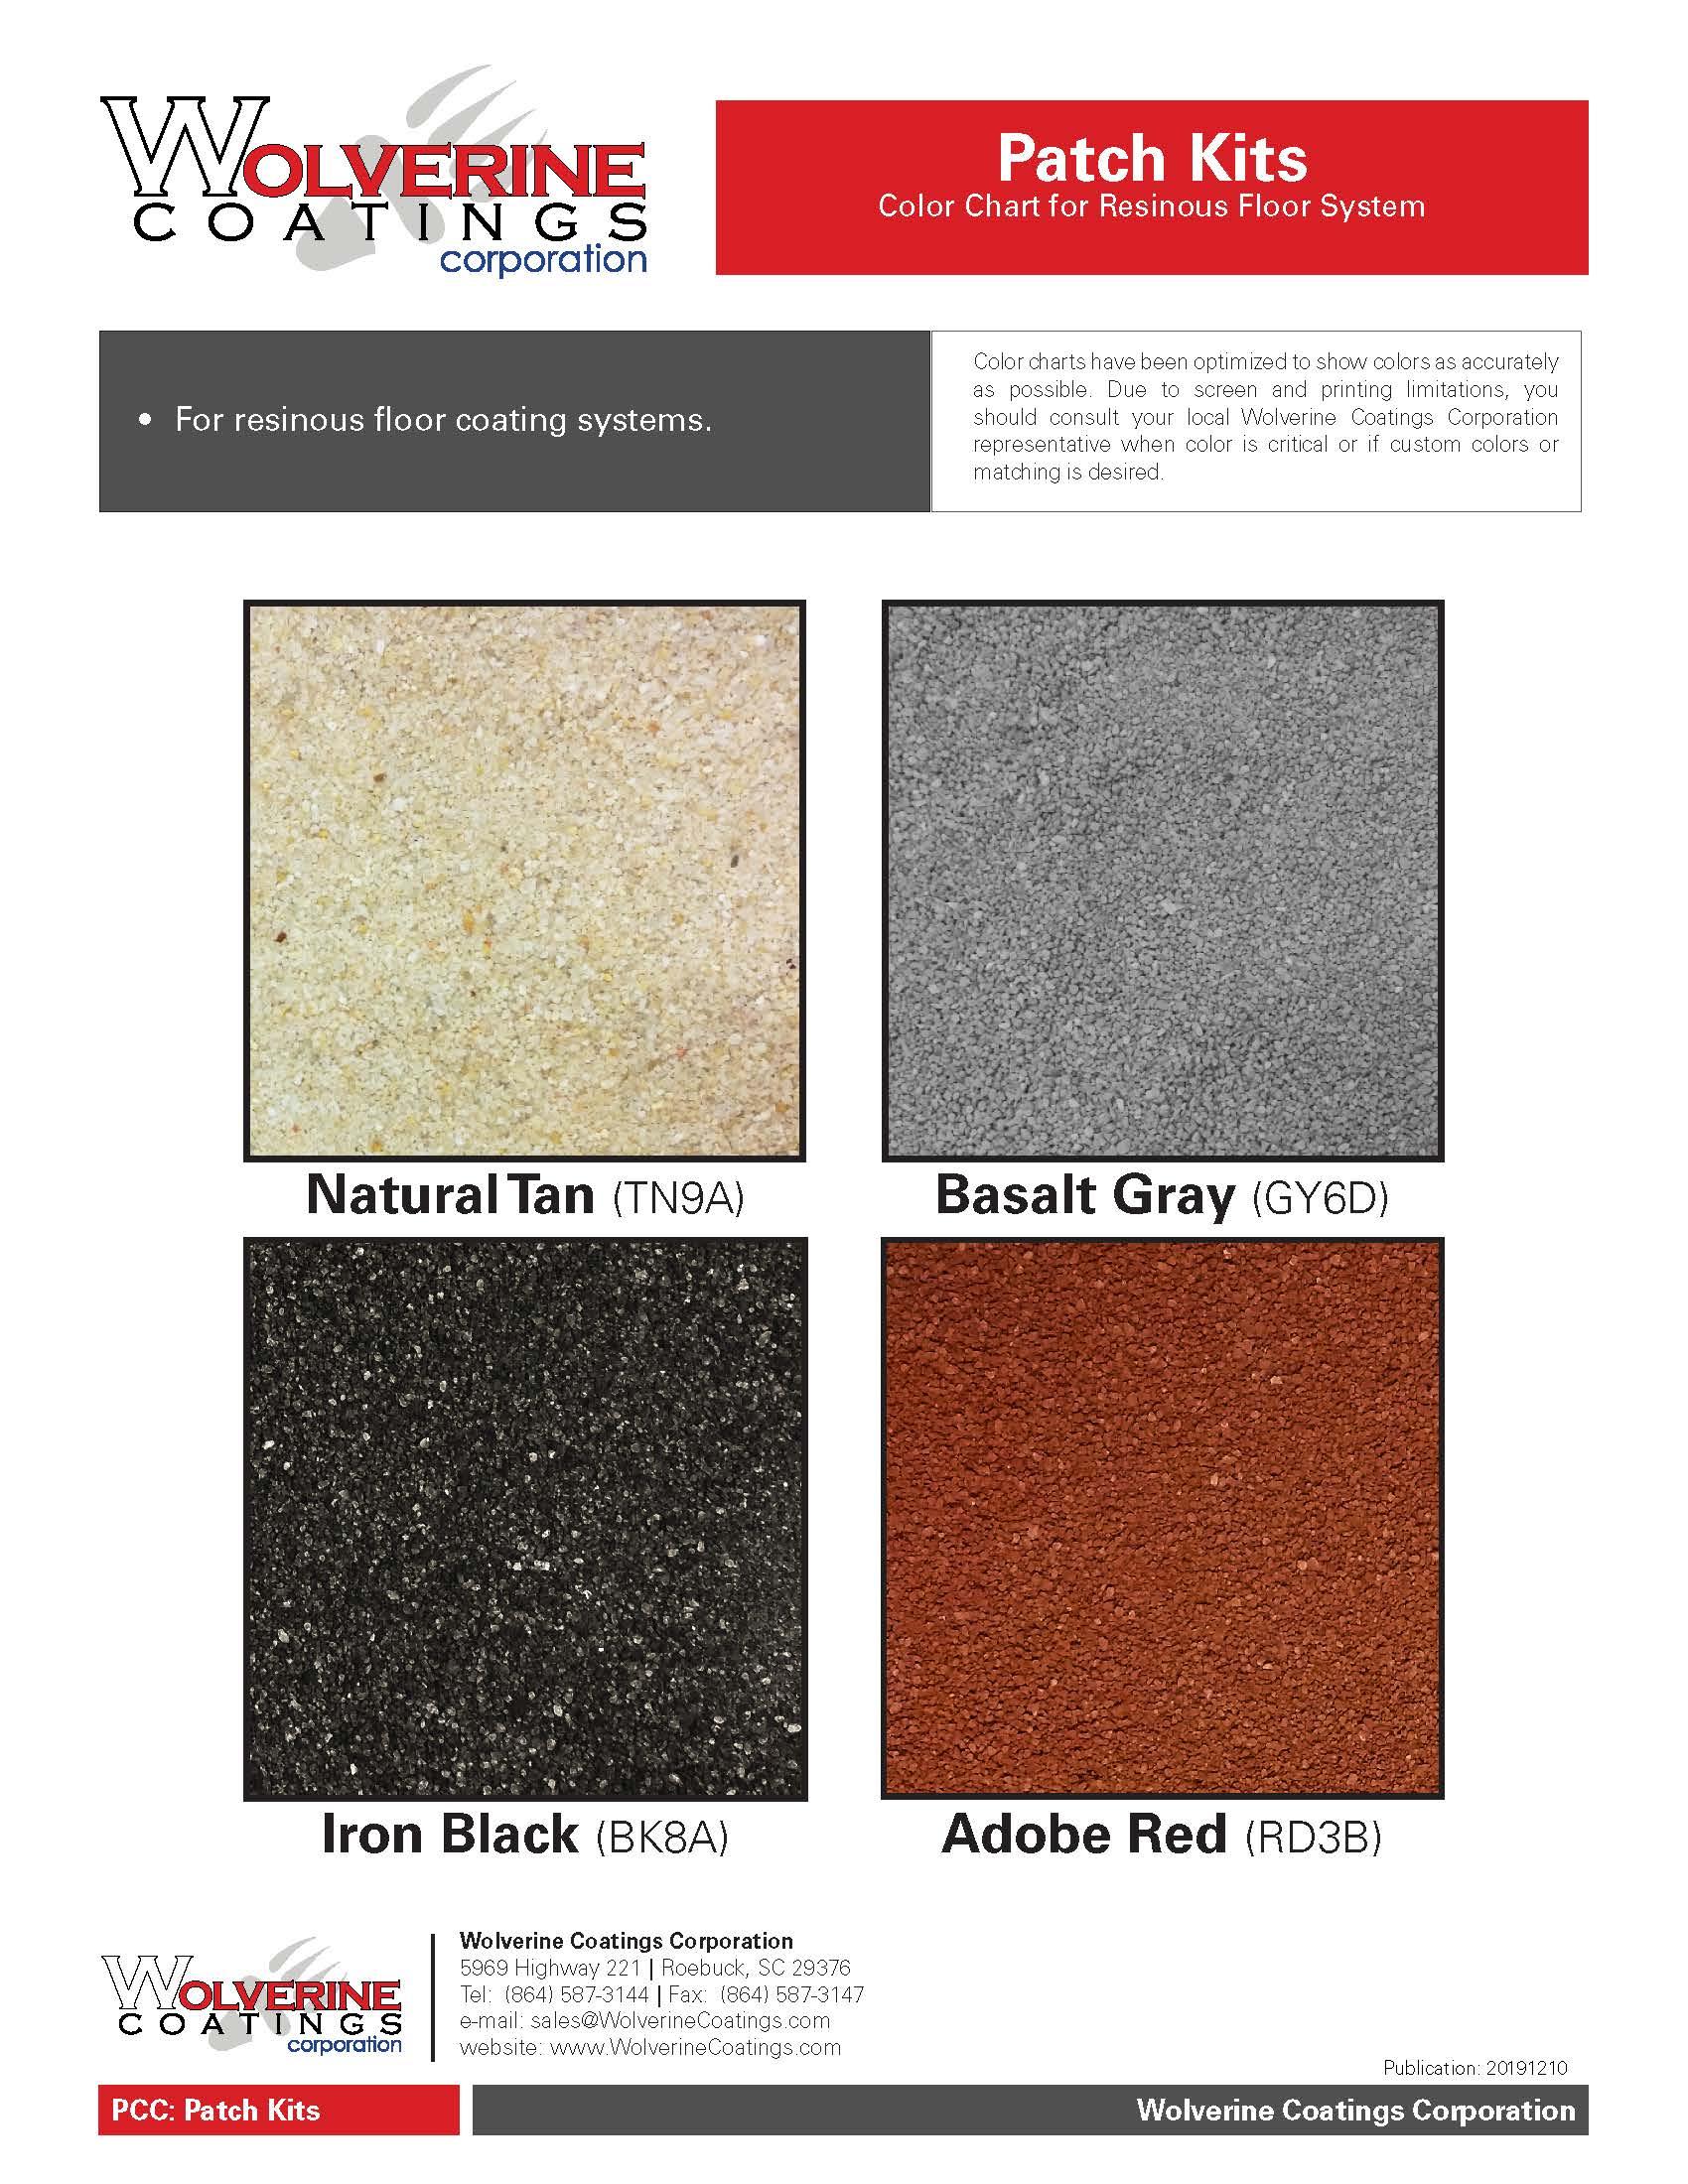 Patch Kits Color Chart-PCC